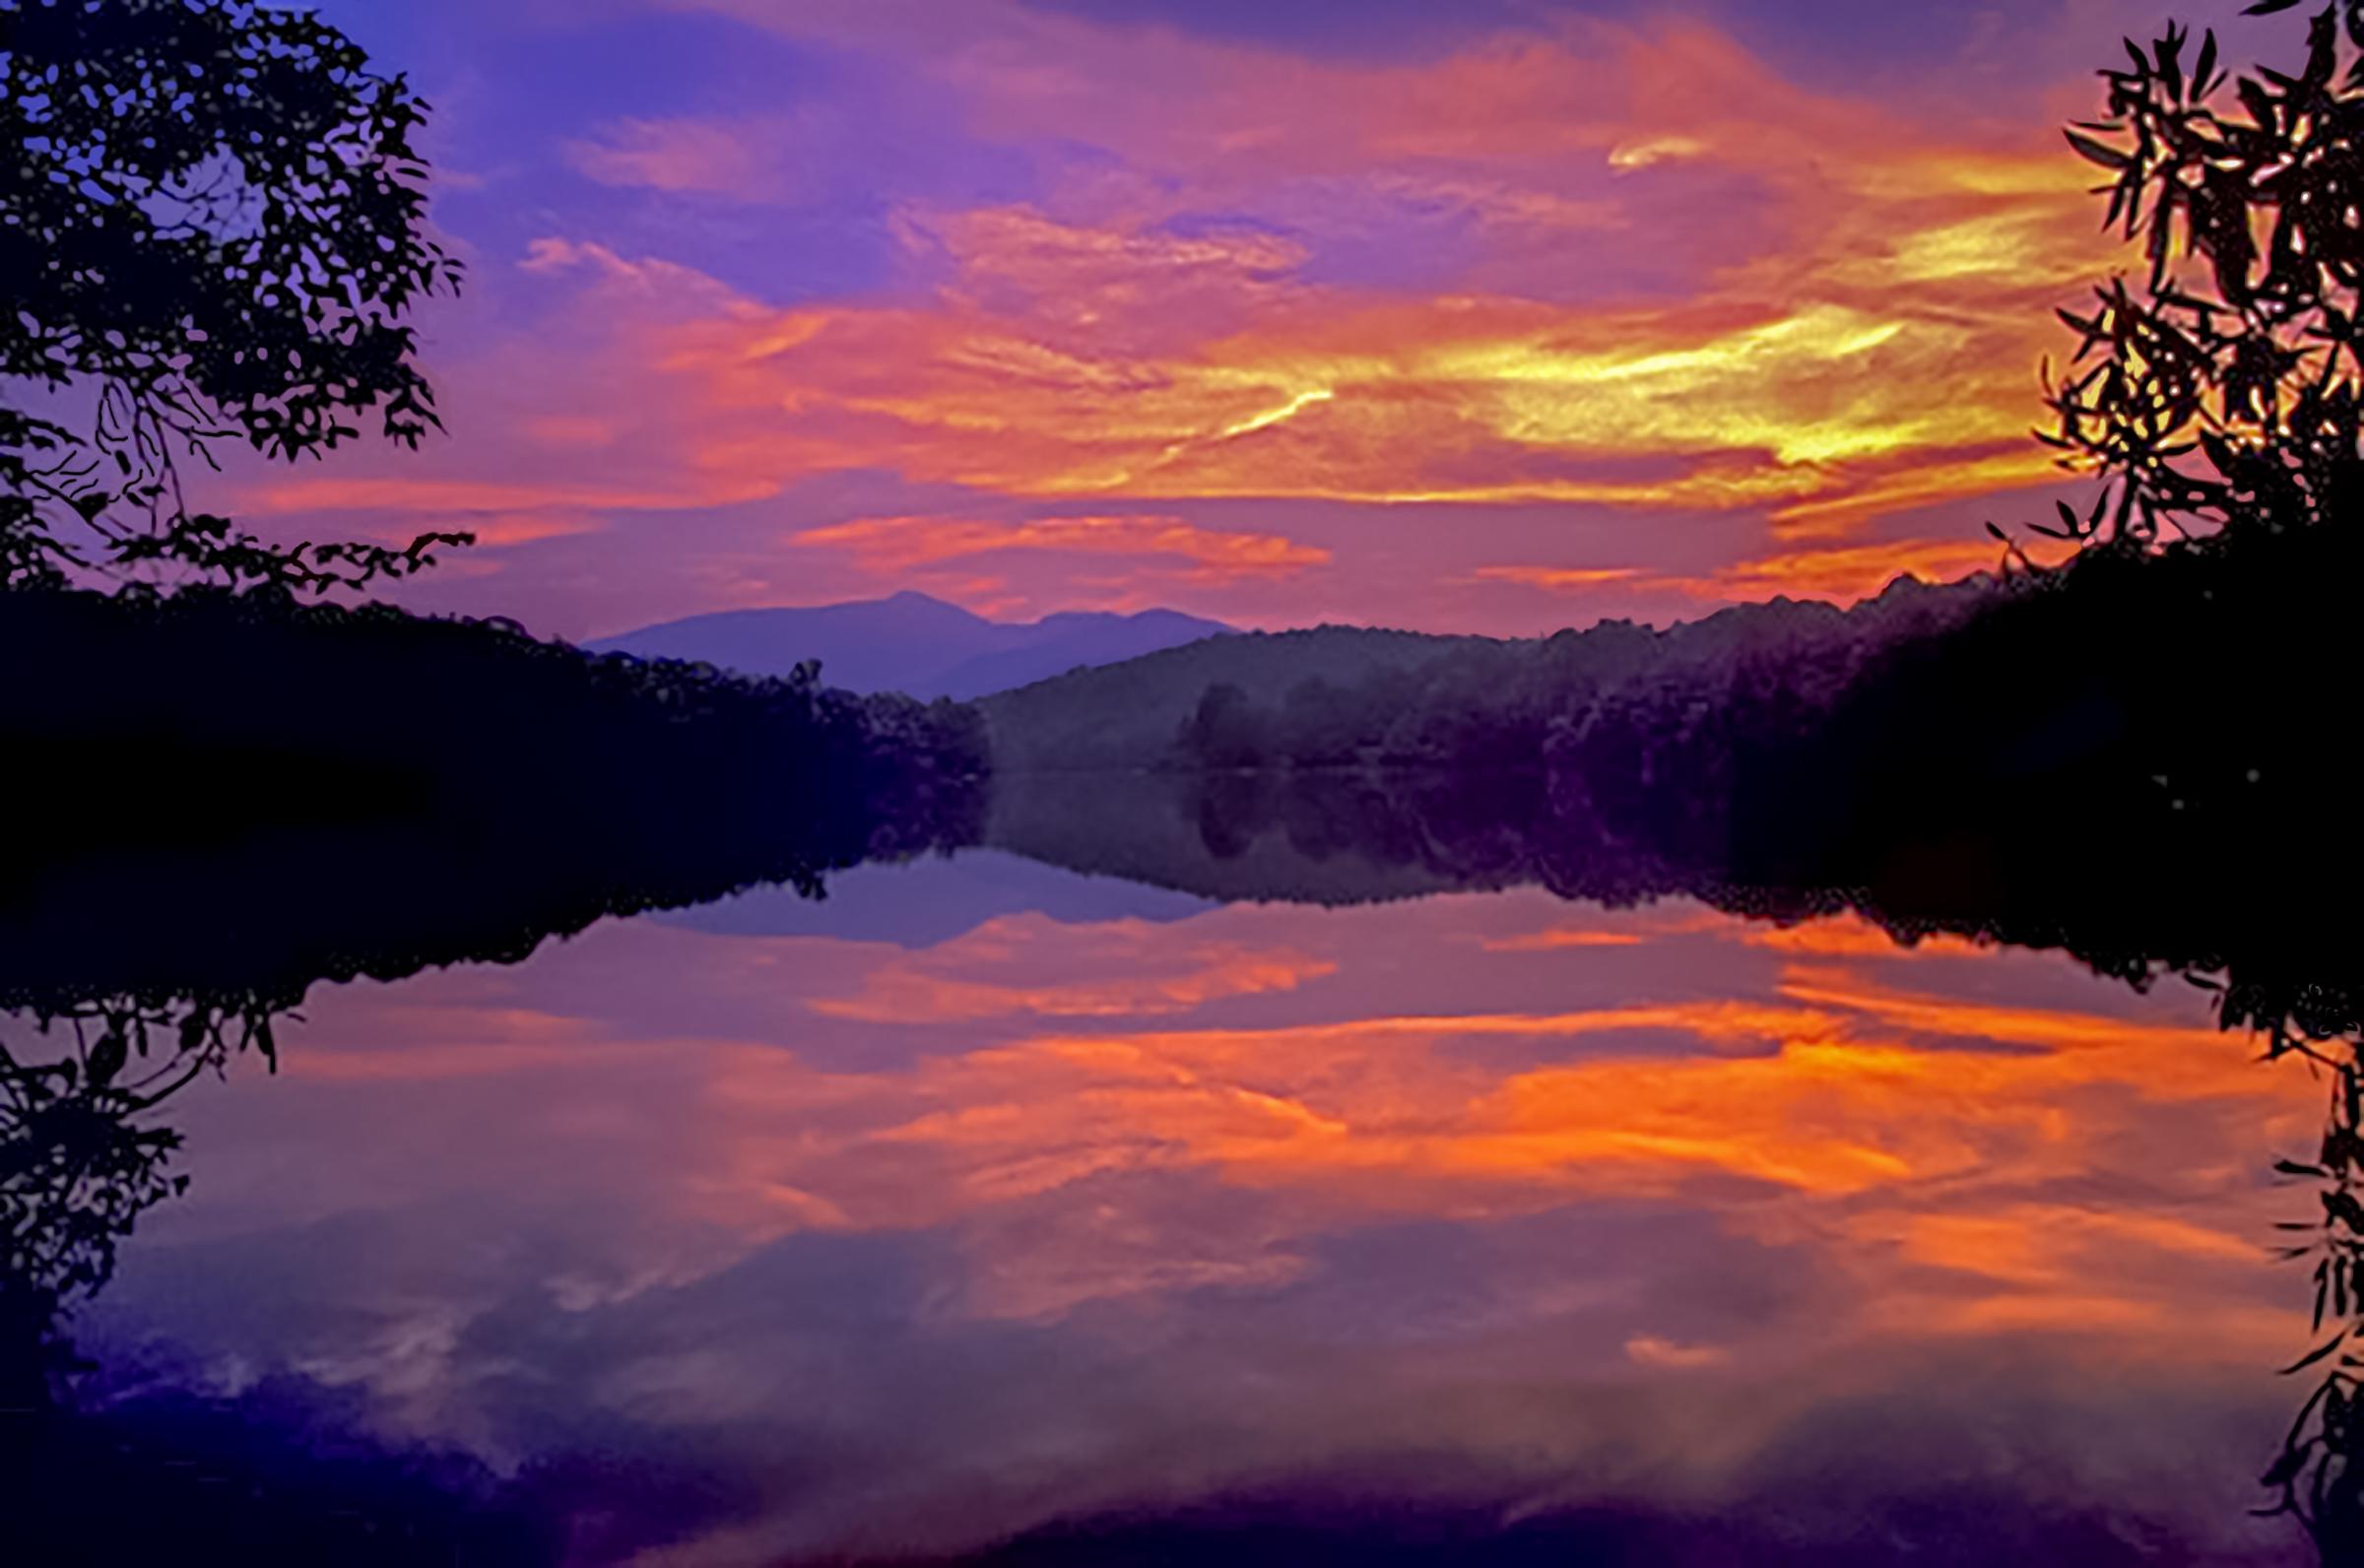 Julian Price Lake